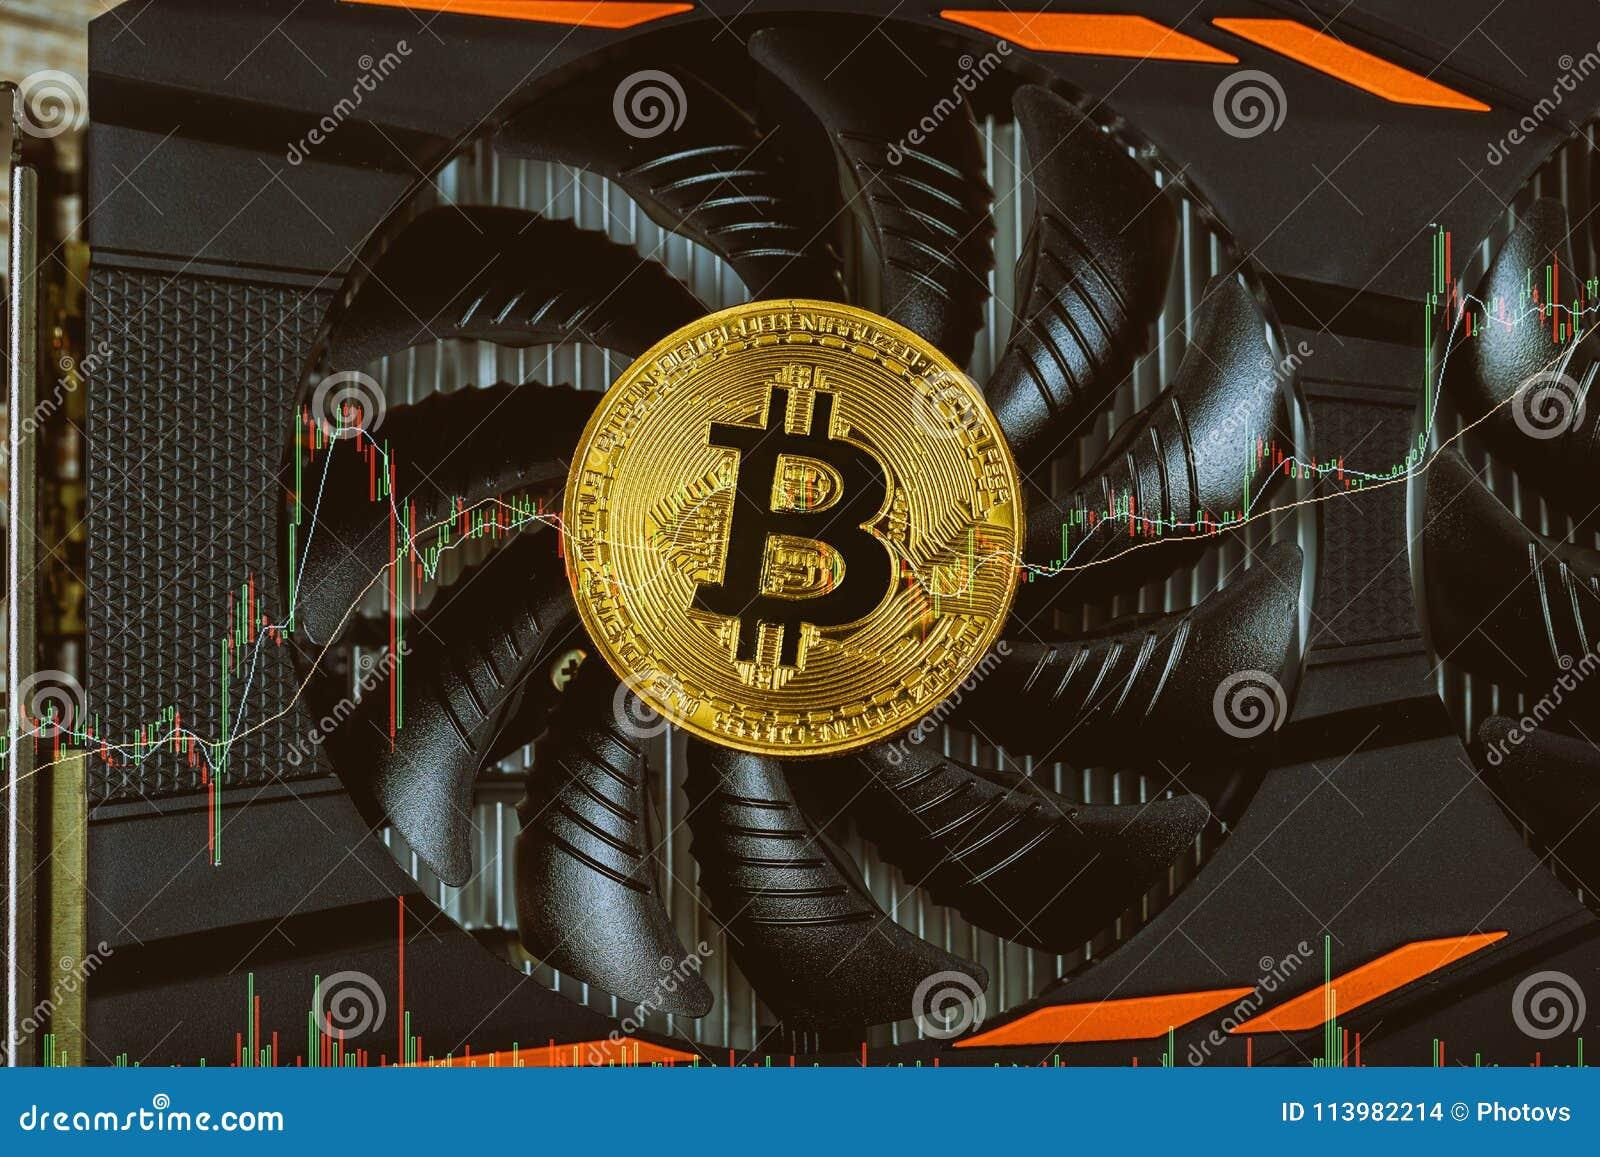 commercio bitcoin facile)